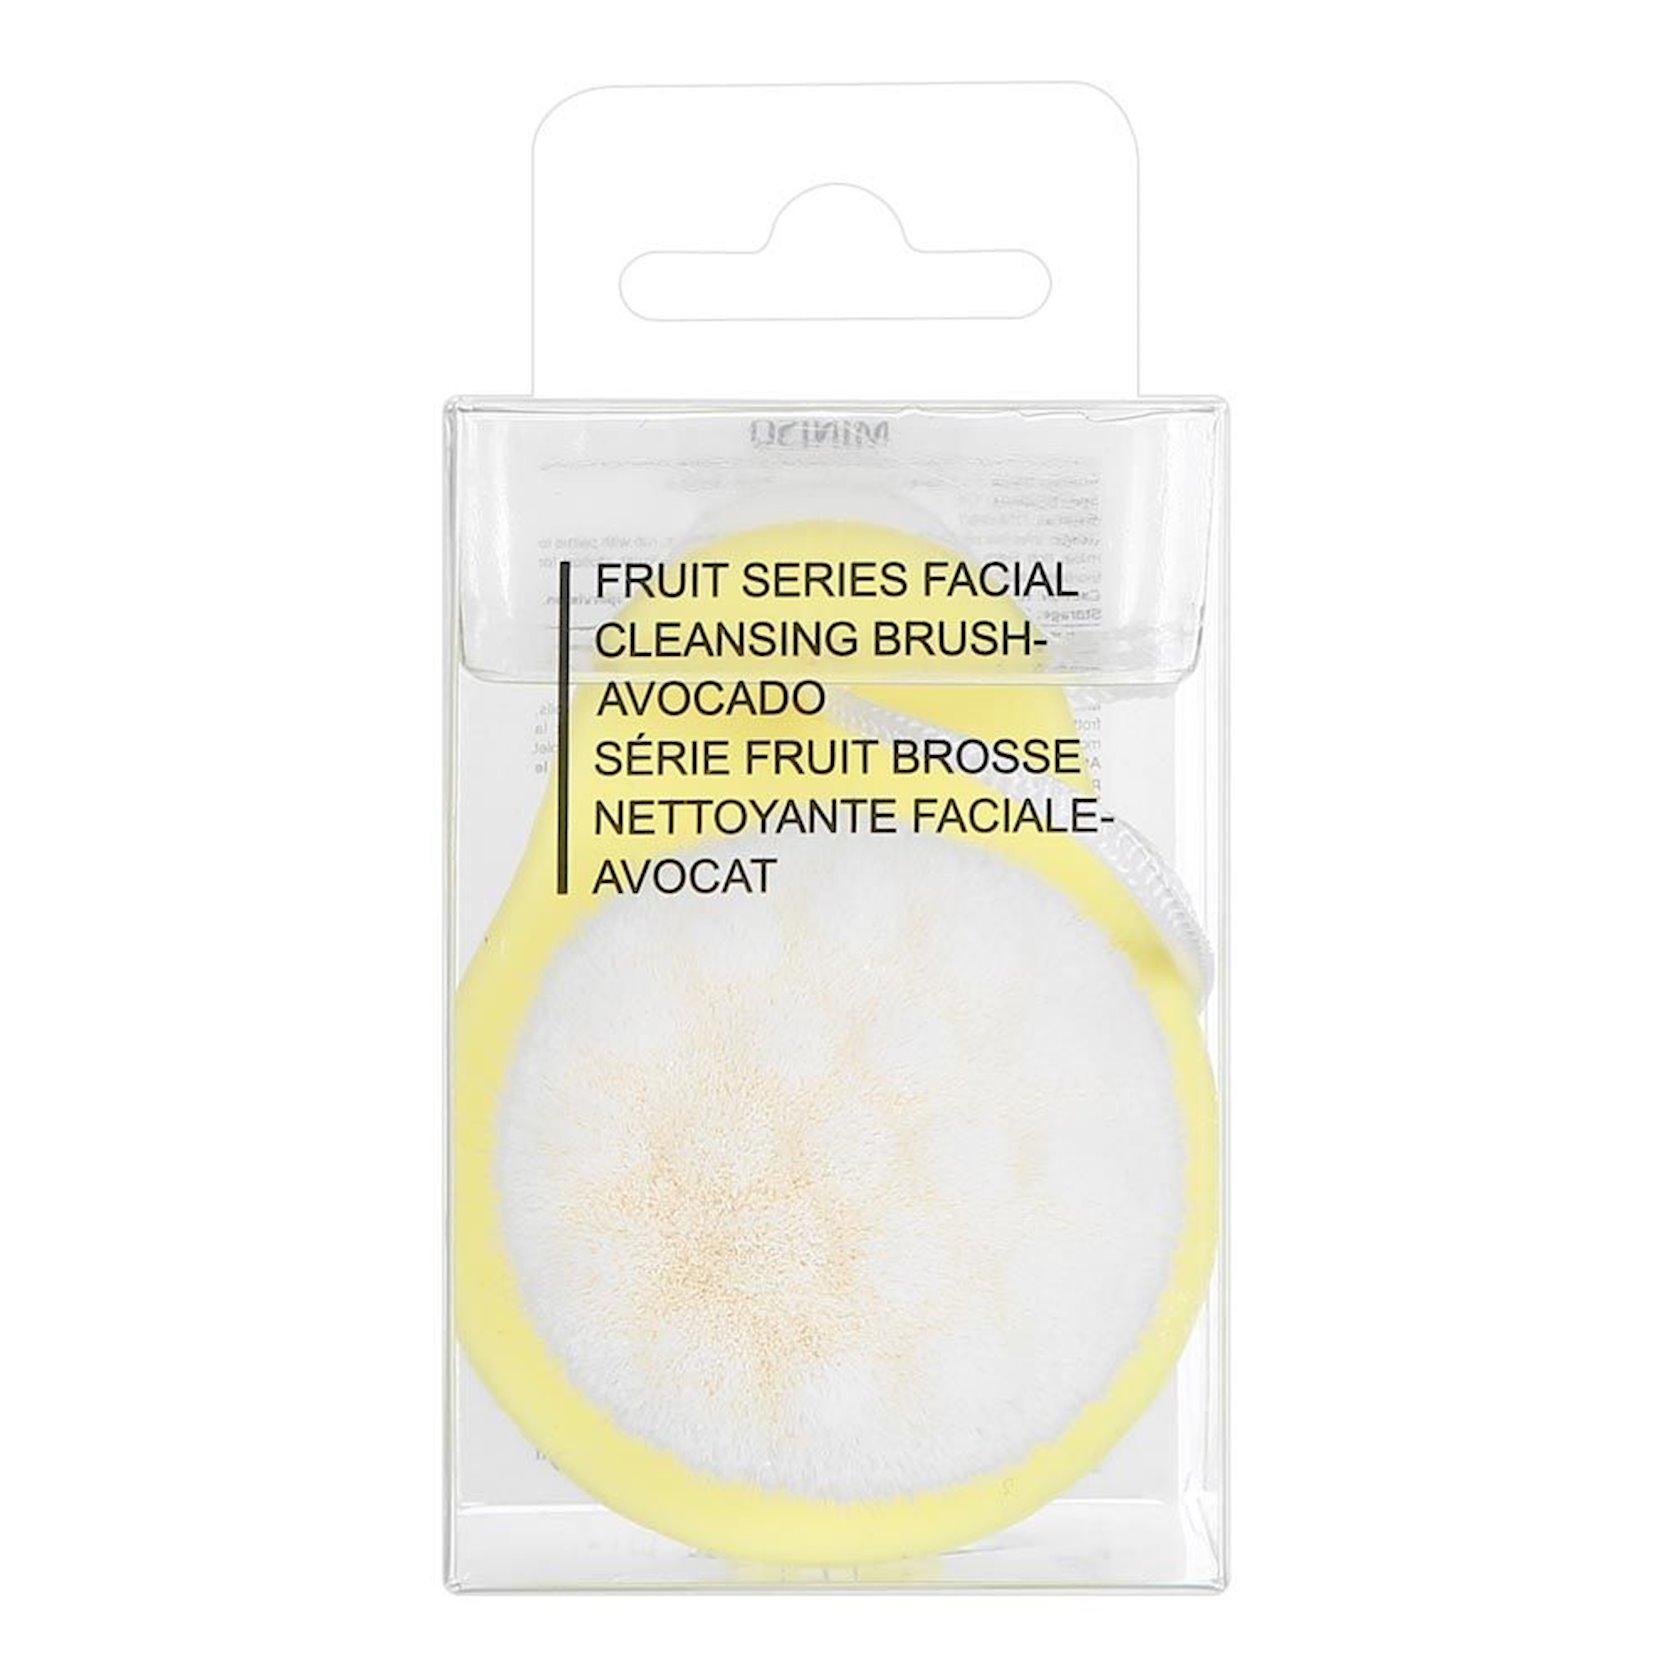 Üz üçün təmizləyici fırça Miniso Fruit Series Facial Cleansing Brus(Avocado)